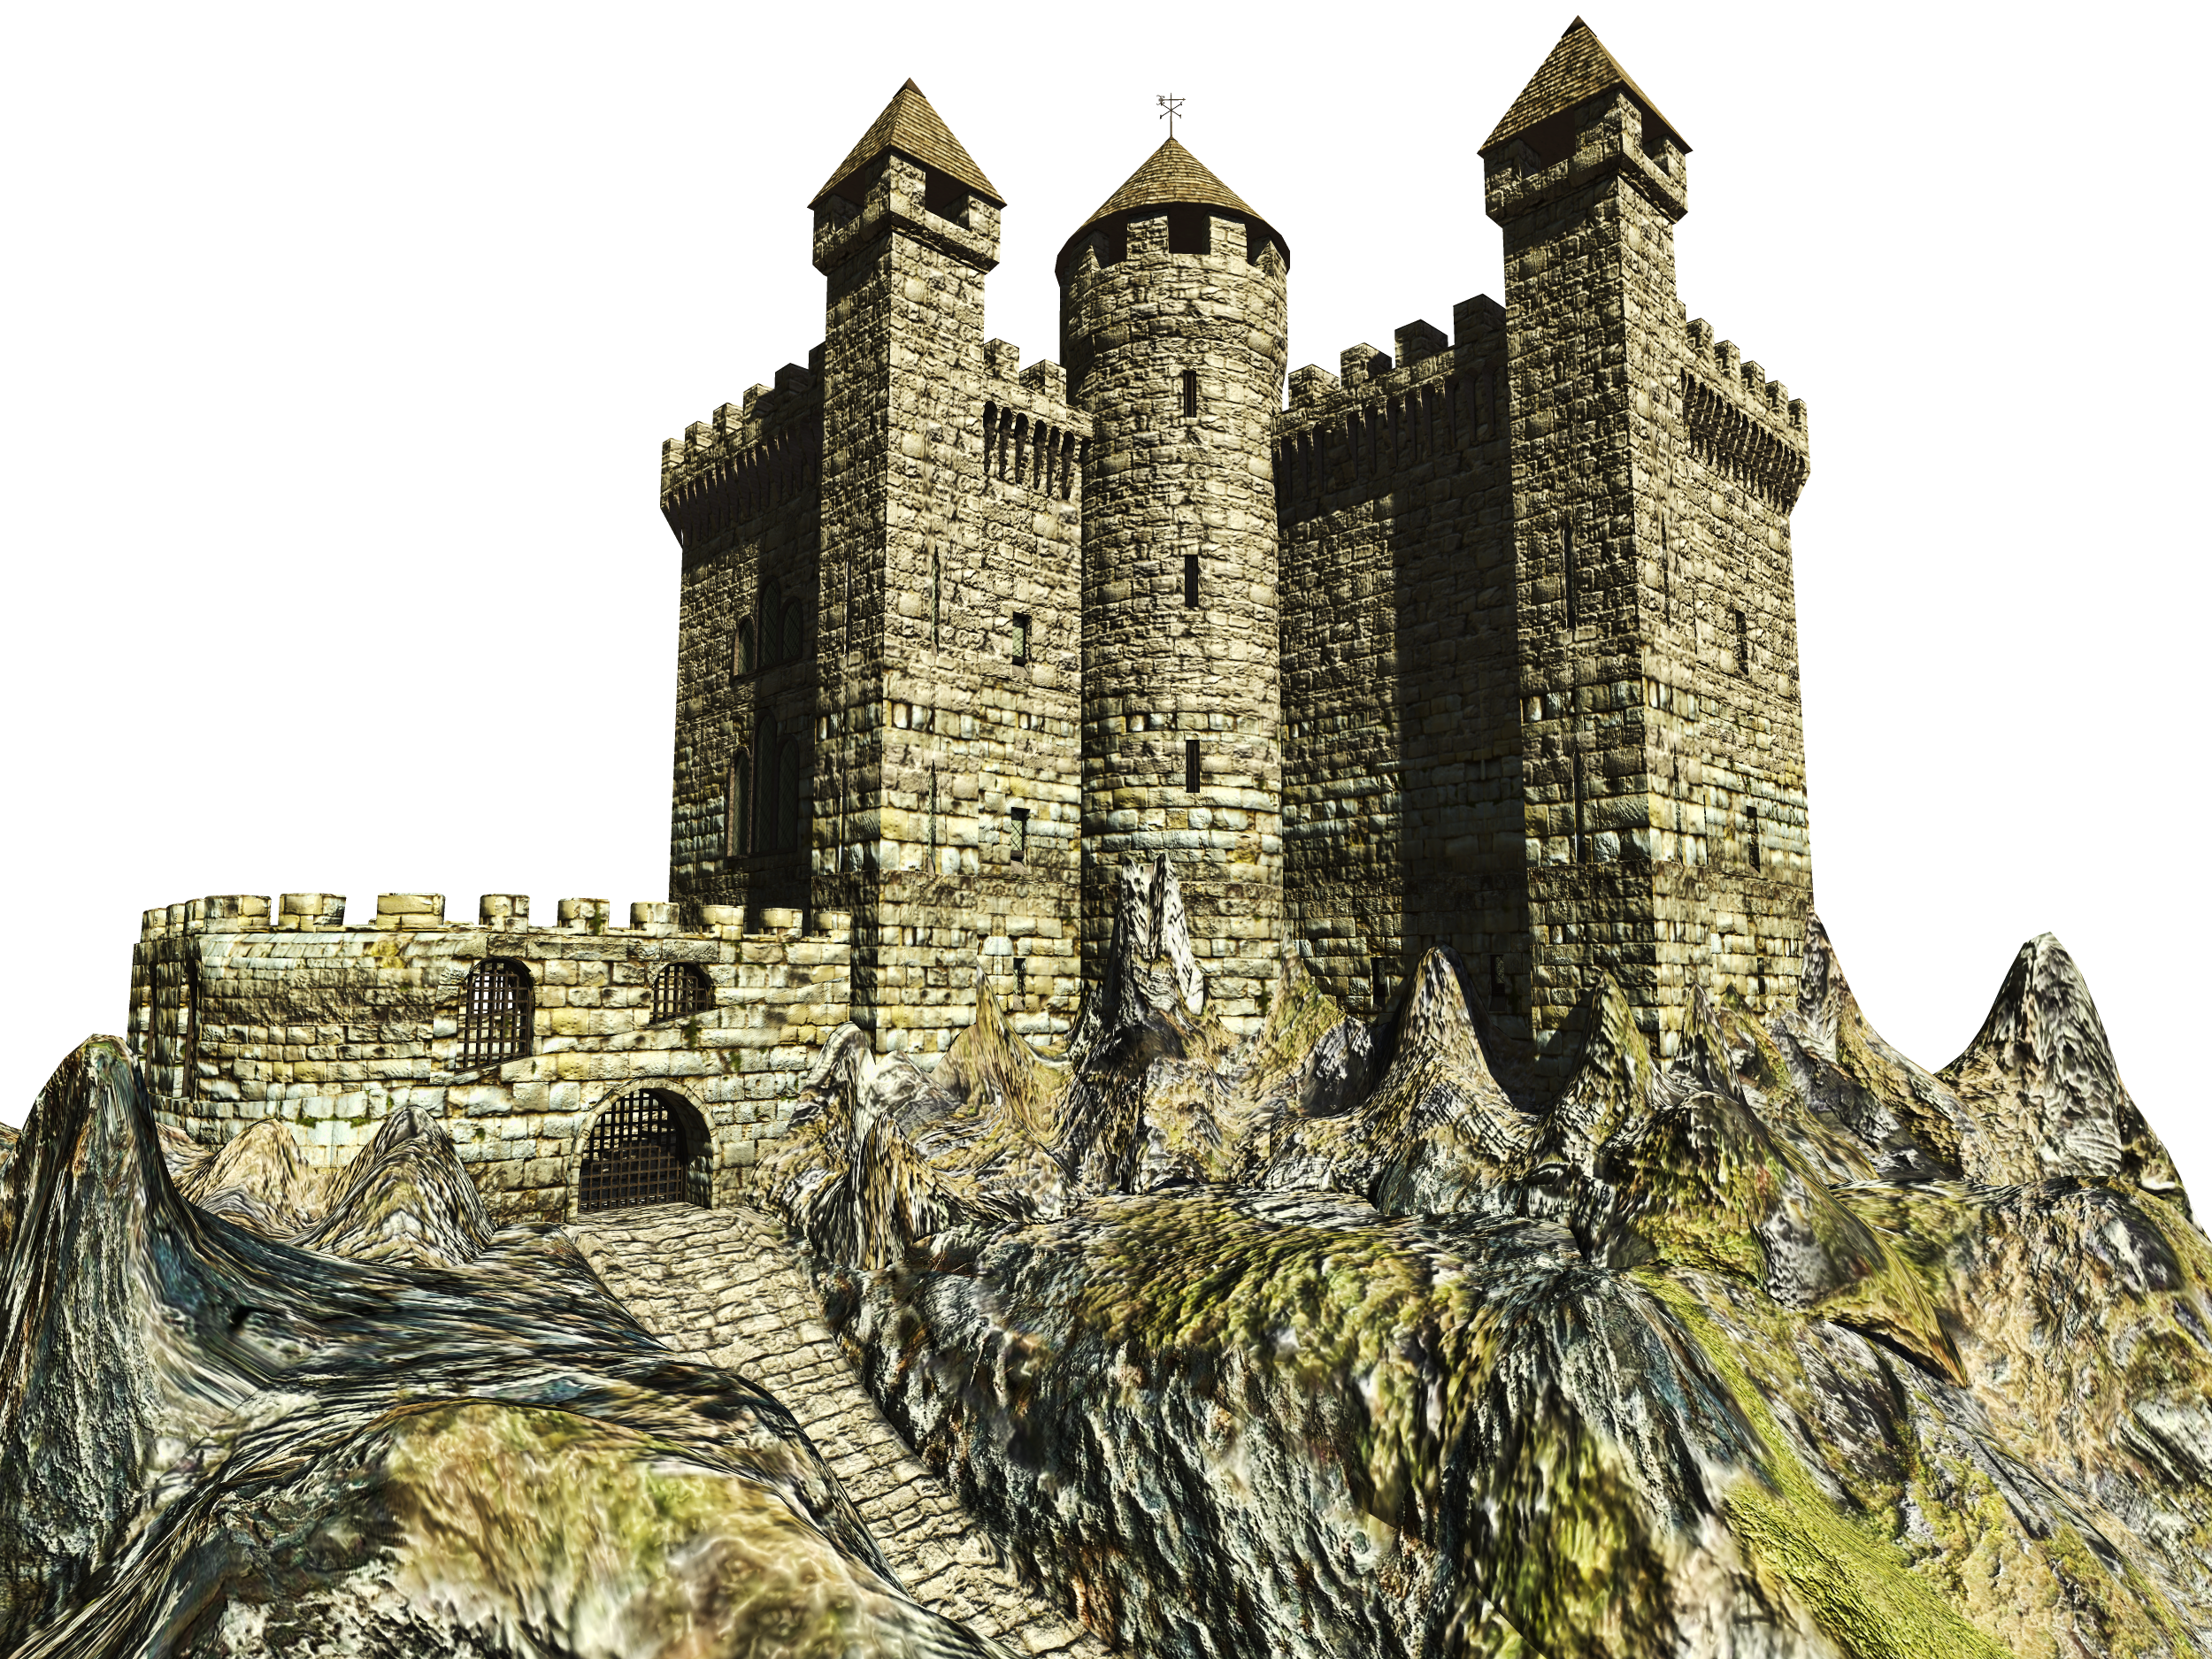 Castle - Antique PNG Image